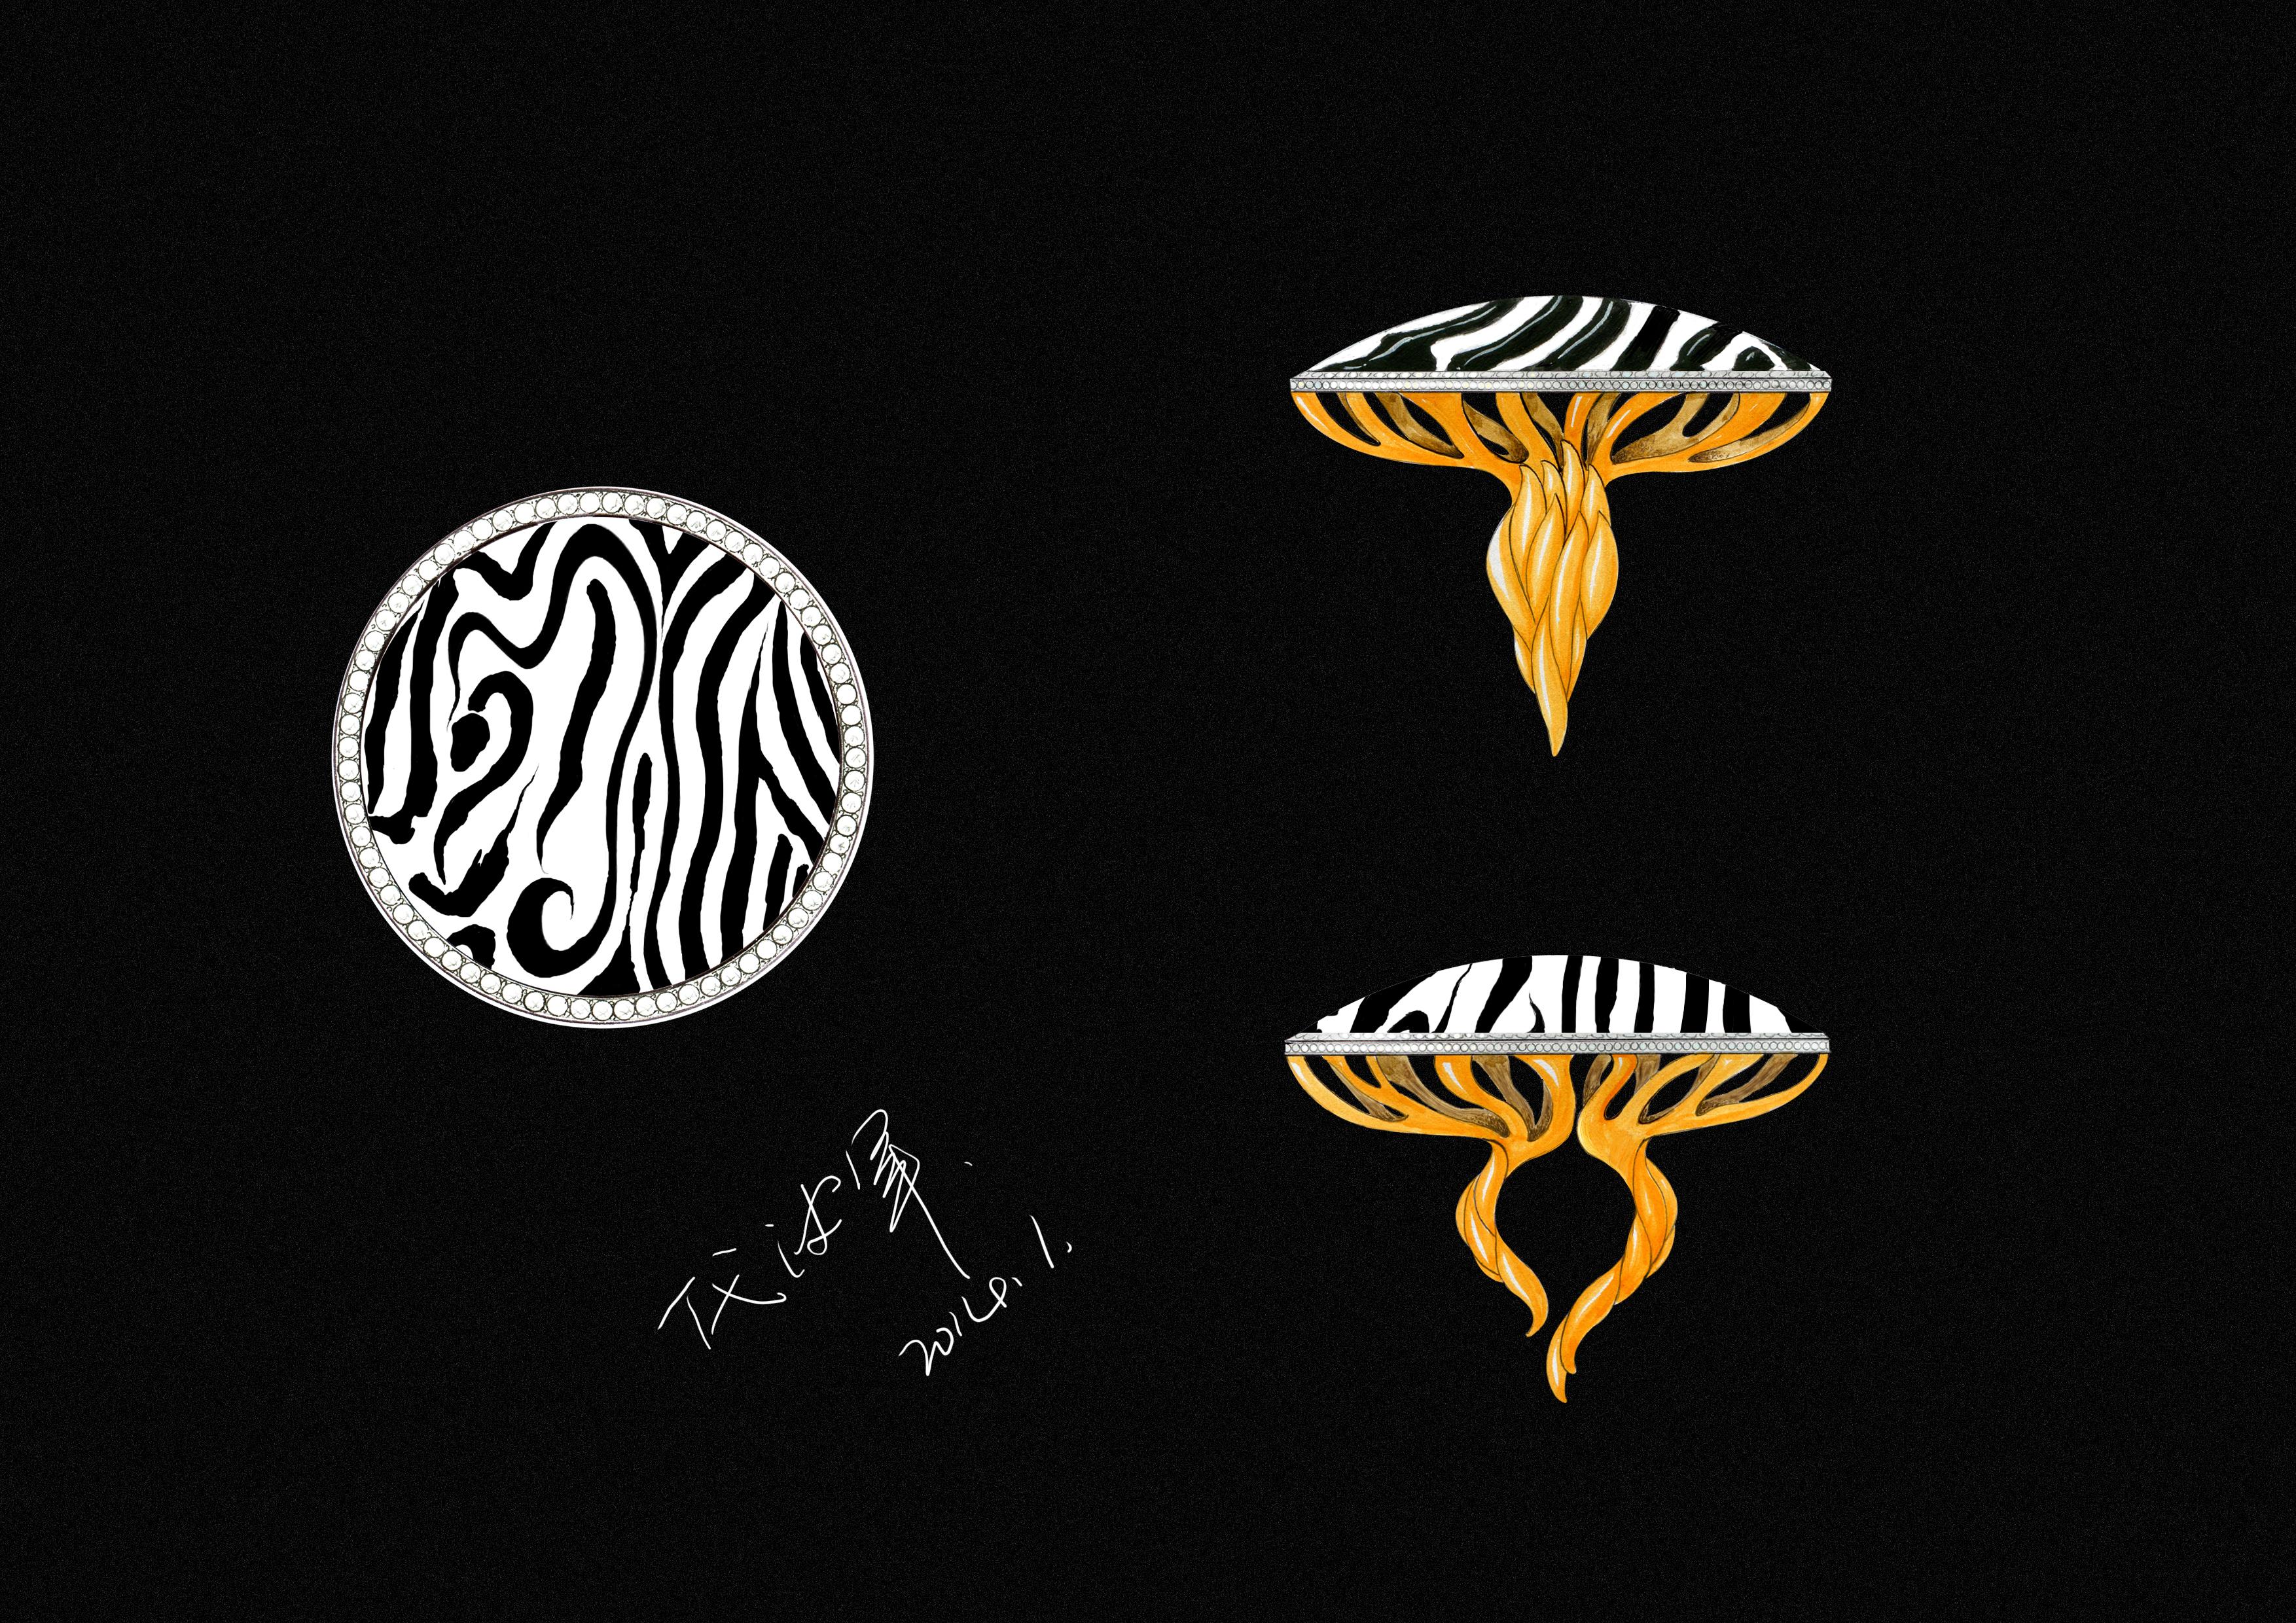 代波军艺术珠宝手绘设计稿! 手工艺 首饰 代波军艺术